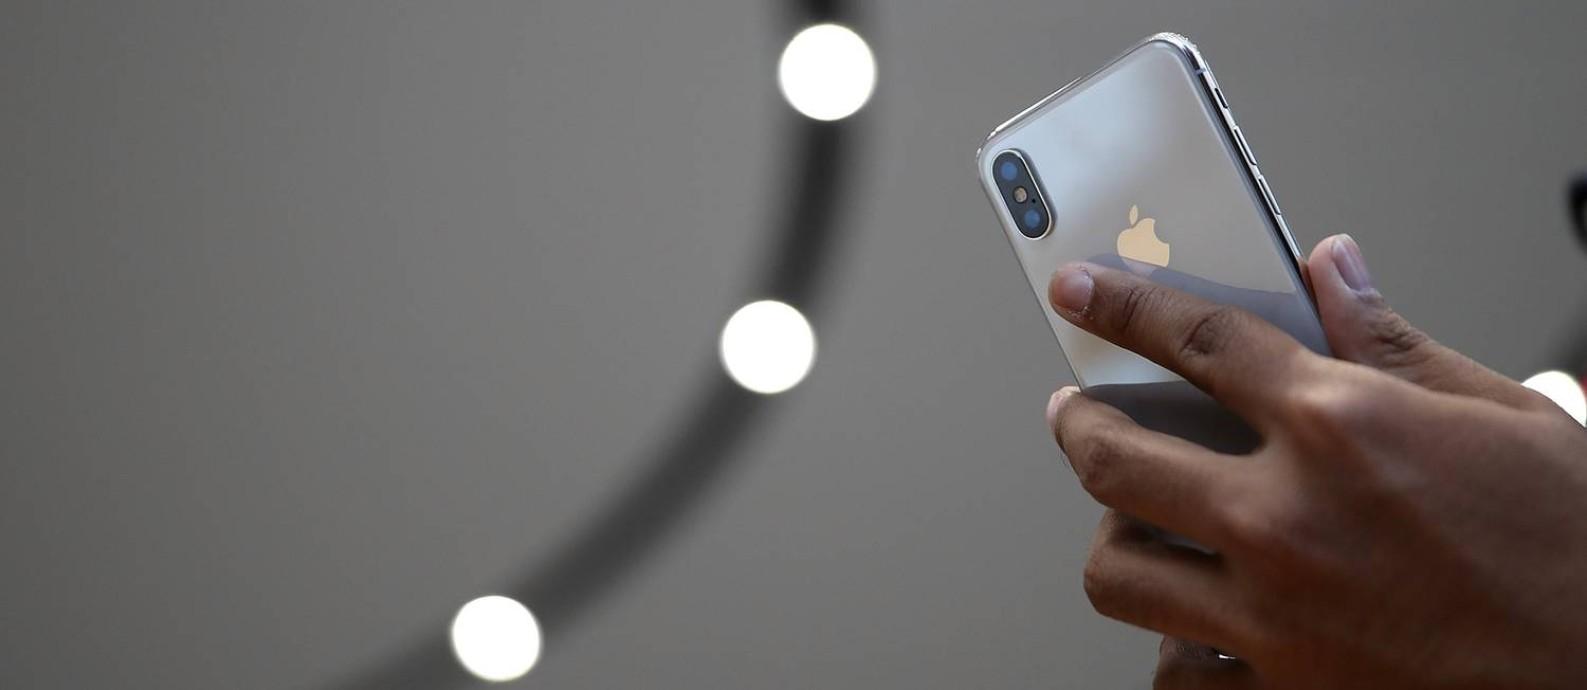 iPhone X: edição voltada ao mercado premium custará mais de US$ 1 mil Foto: JUSTIN SULLIVAN / AFP